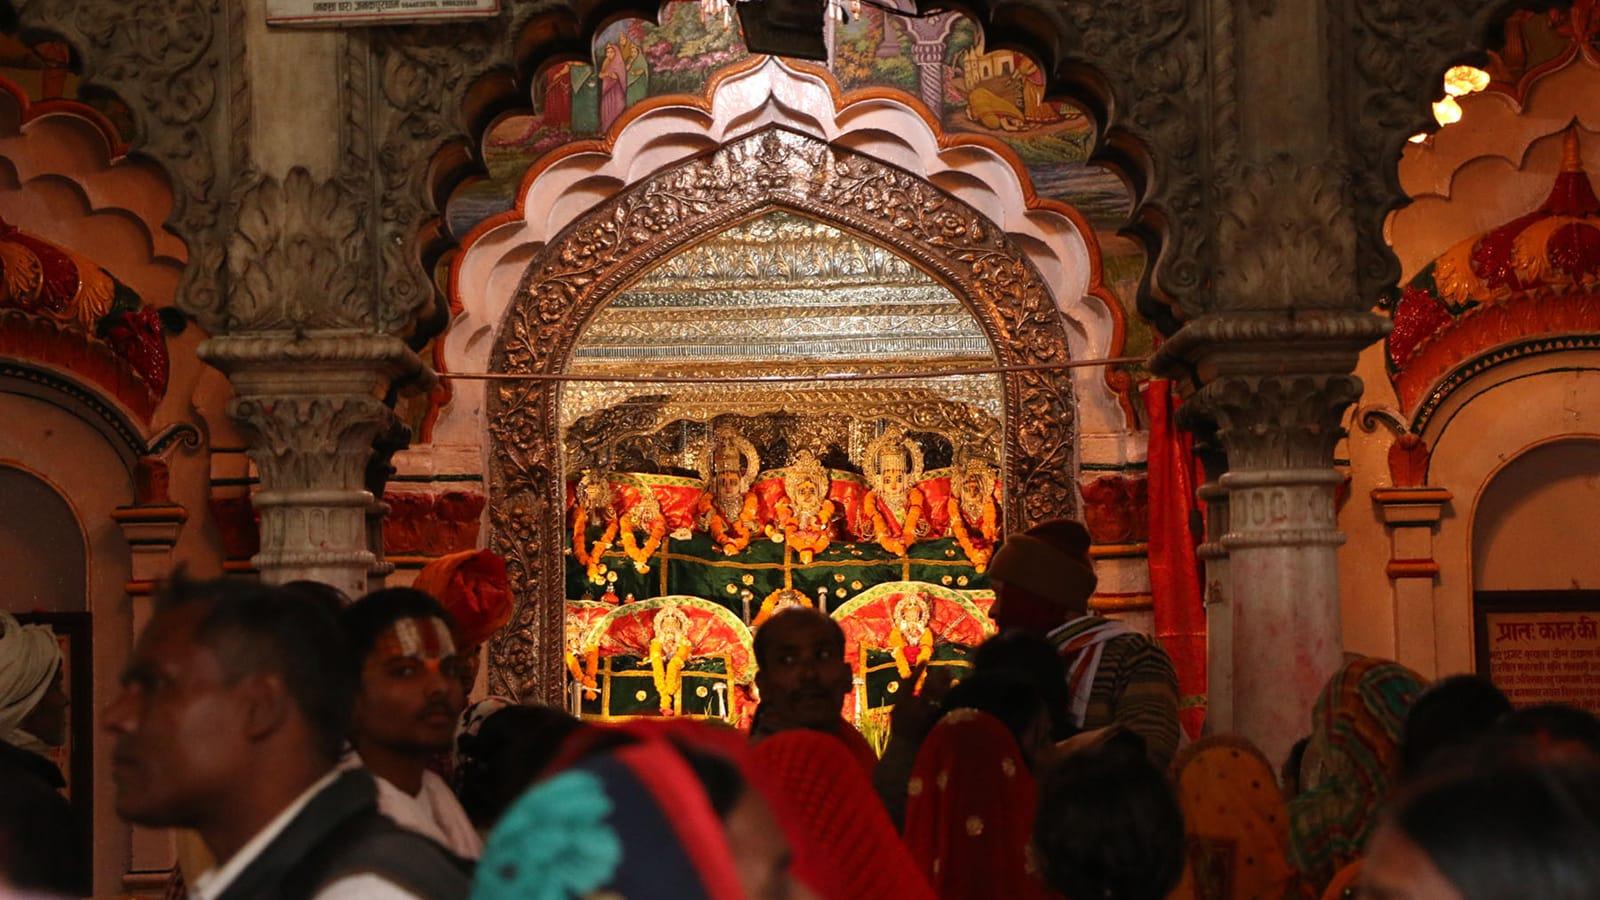 चैते दसैँ पर्व आज हिन्दु नेपालीले घरघरमा नवदुर्गा भगवतीको पूजा आराधना गरी मनाउँदै